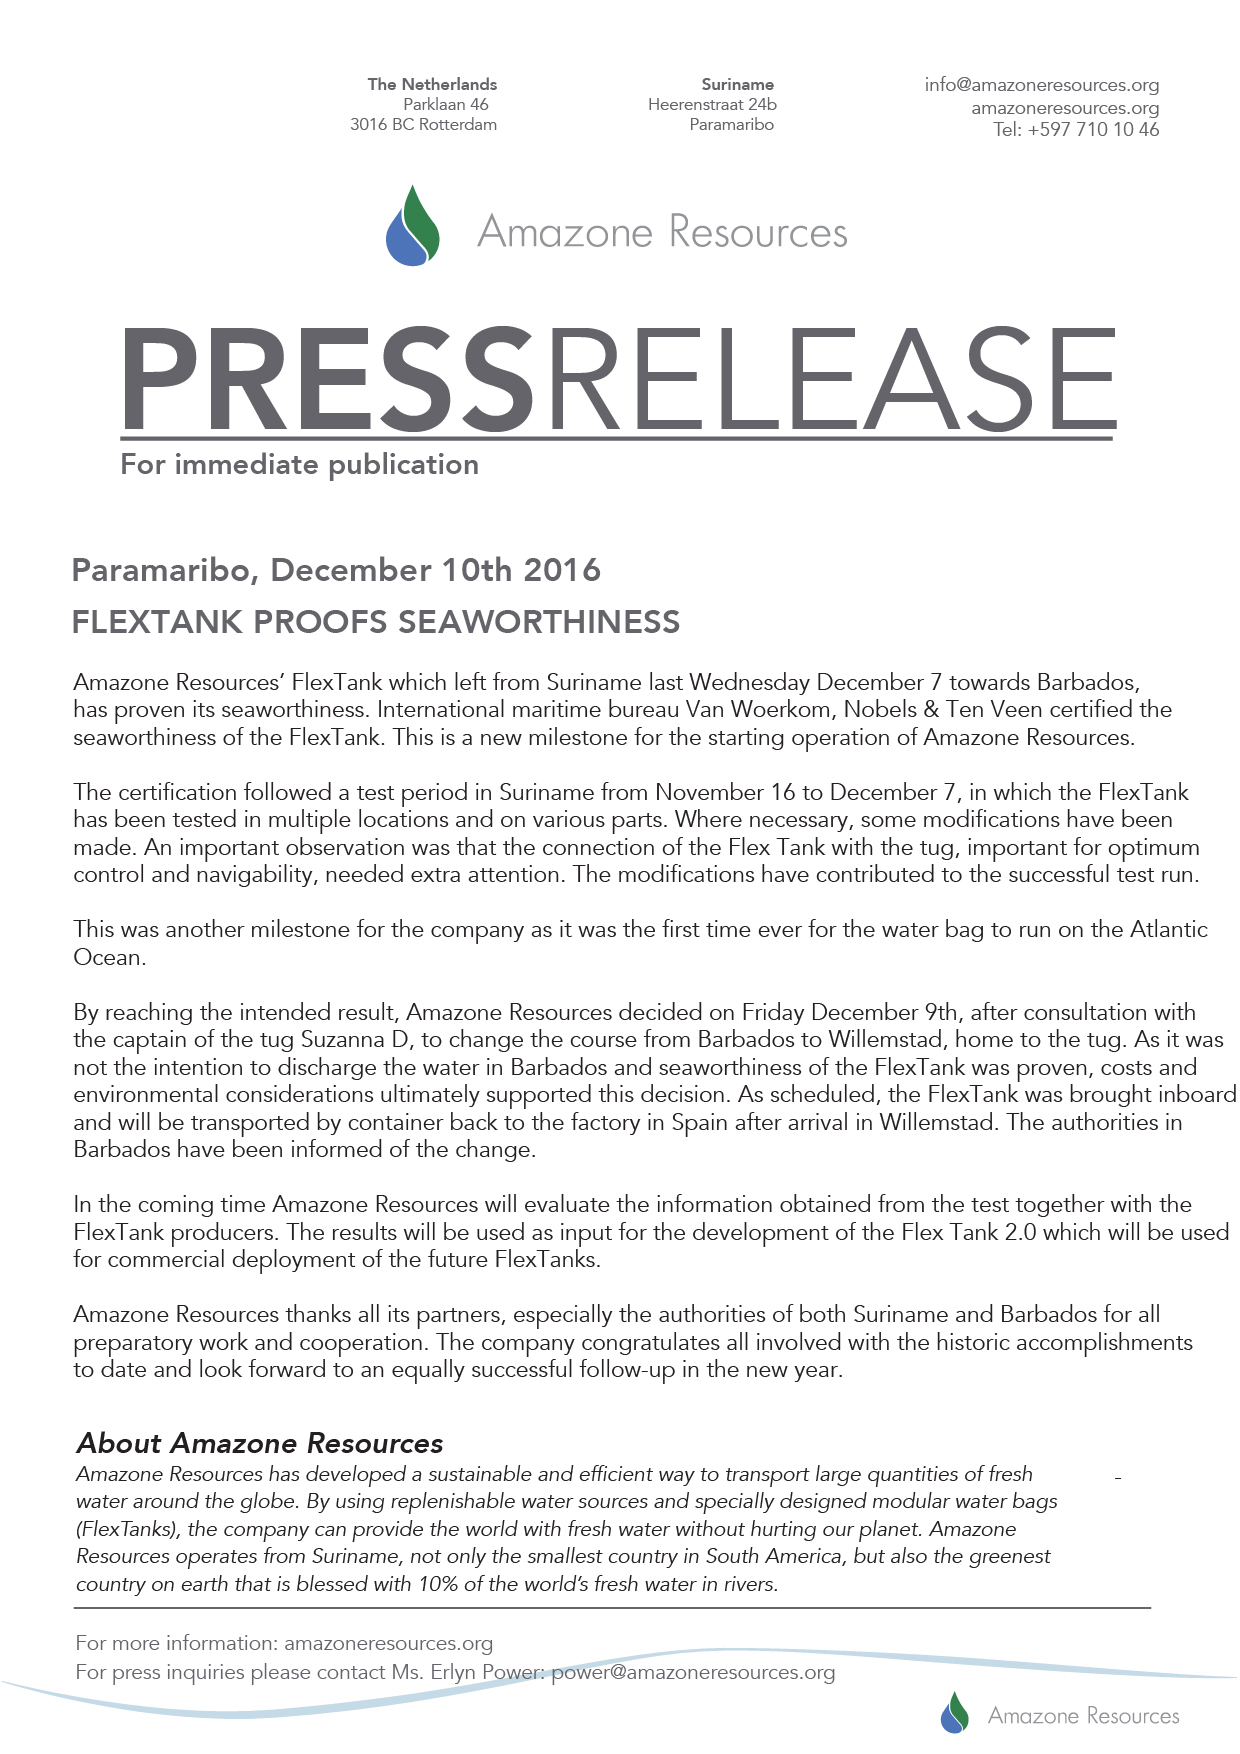 ar_pressrelease_flextank-proofs-seaworthiness_web-01